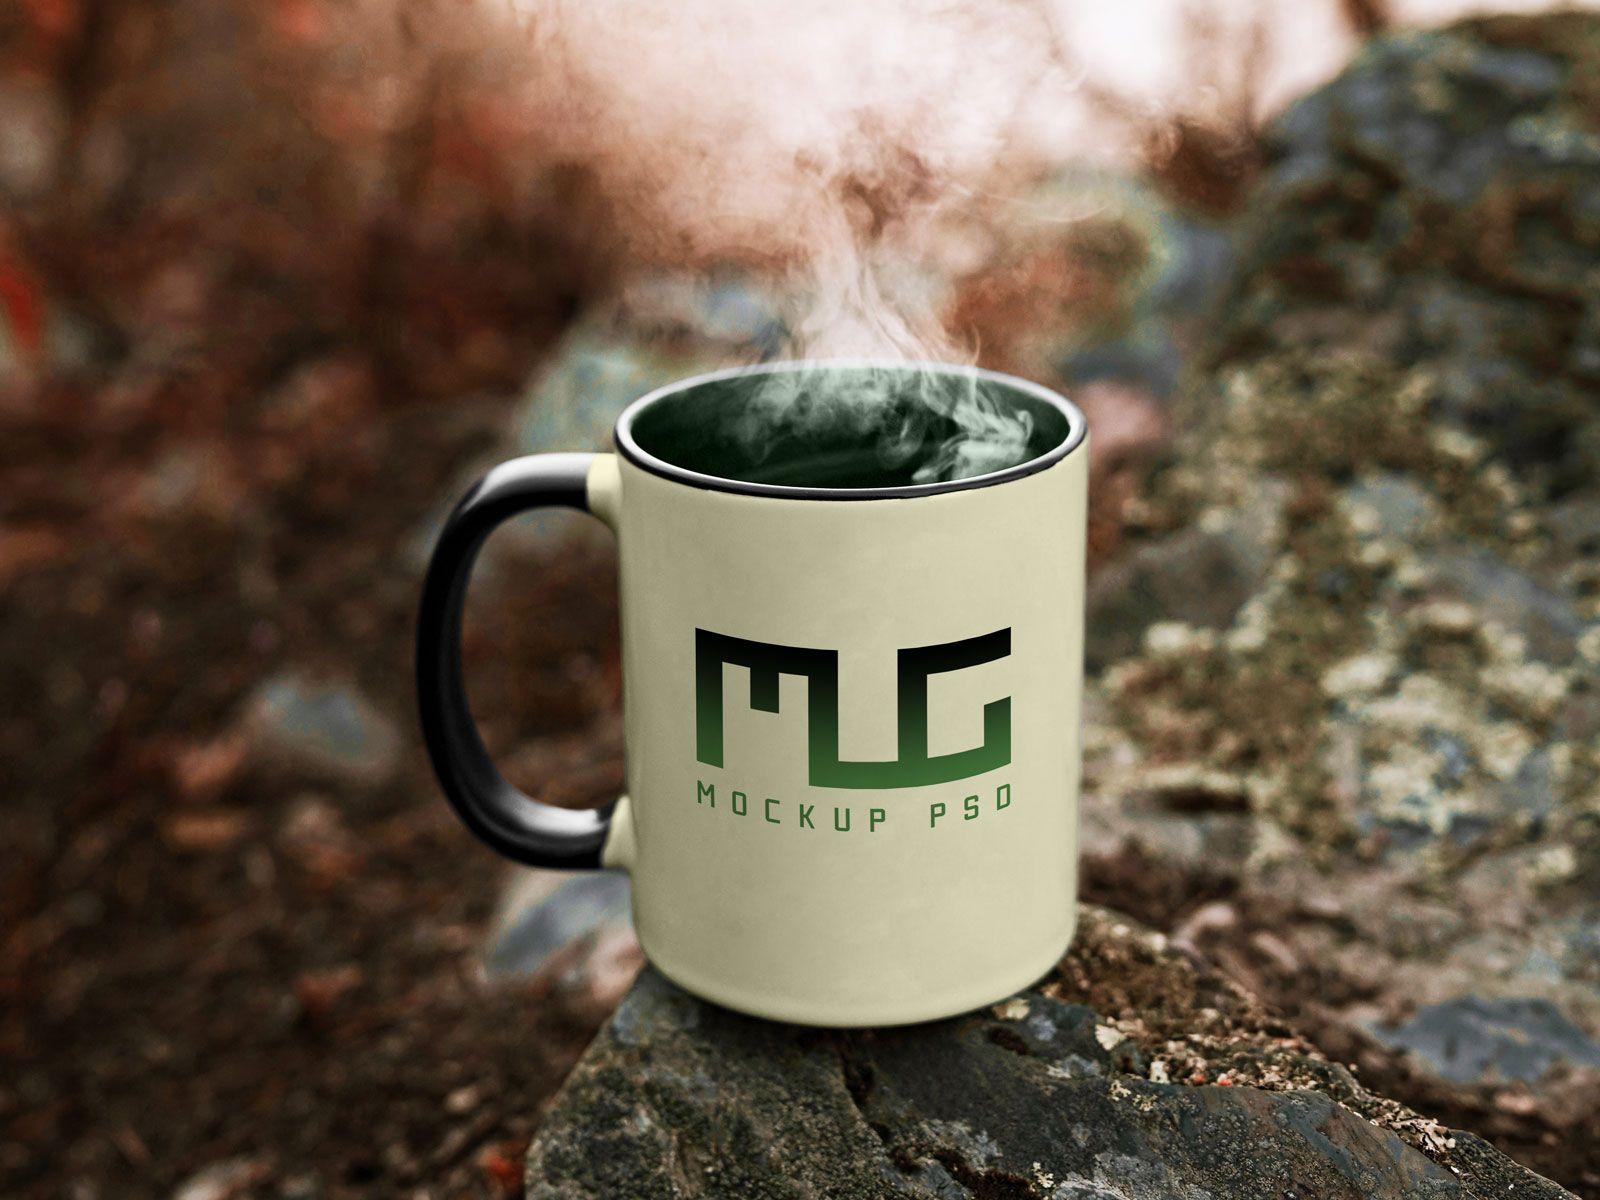 Vintage Coffee Mug Mockup on a Rocky Mountain Freebies